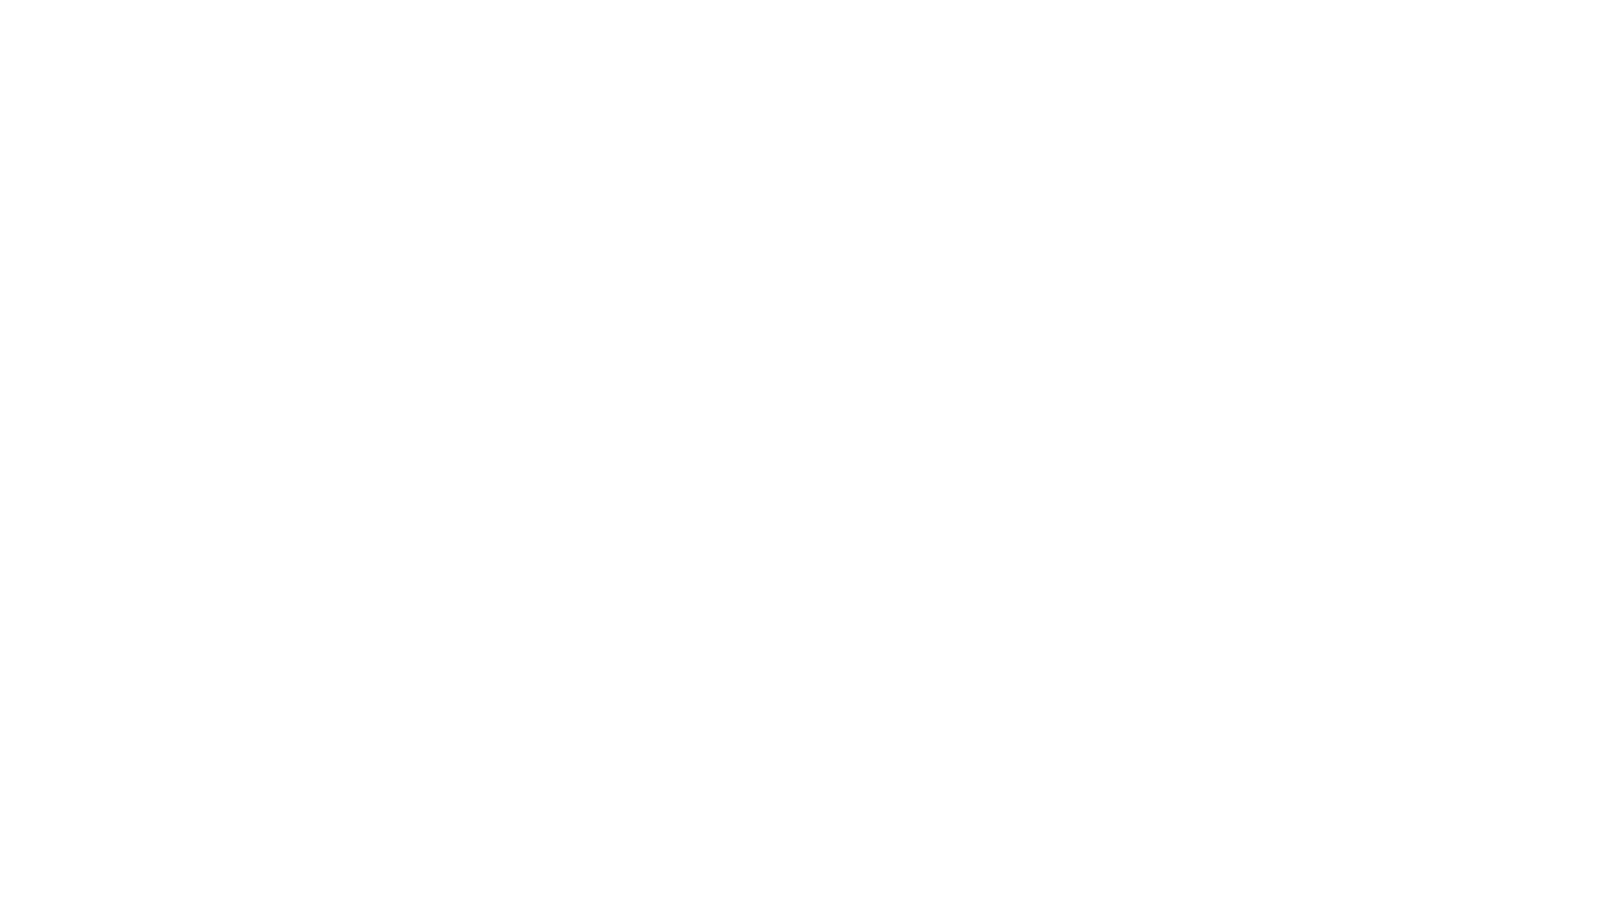 """Цесаревич Николай был мягким юношей, однако в выборе супруги проявил характер. Повел под венец Алису Гессенскую, известную нам под именем Александры Федоровны. А может, стоило послушаться родителей? Вдруг женитьба на другой принцессе предотвратила бы гибель Дома Романовых? Что, если мама была права?!  Сравним других невест Николая II и сделаем свой выбор! Голосуем за лучшую невесту в разделе """"Сообщество"""": https://www.youtube.com/channel/UC27drJNJ8O10Yx0ogbYgDVQ/community  ❧ ❧ ❧ О КАНАЛЕ ❧ ❧ ❧  Светлого дня, дамы и господа! Я Анна Пейчева, писатель и журналист. Приветствую вас в Уютной империи - здесь мы без лишнего пафоса разбираем всякие любопытности эпохи Романовых. Новый выпуск - каждую пятницу.  ❧ ❧ ❧ ПОДДЕРЖАТЬ ПРОЕКТ ❧ ❧ ❧  Получите эксклюзивный исторический контент за 50 рублей в месяц: ❧  каждую пятницу - редкая или уникальная историческая фотография с моими пояснениями; ❧  раз в месяц бонус - интересный аудиорассказ из серии «Царские слуги».  Где подписаться: ❧  в группе Уютной империи ВКонтакте: https://vk.com/cozy_empire ❧  на Boosty: https://boosty.to/cozyempire  Отменить подписку можно в любой момент.  ❧ ❧ ❧ БЕСПЛАТНО И ИНТЕРЕСНО ❧ ❧ ❧   Присоединяйтесь к Уютной империи: ❧  ВКонтакте - в формате подкаста: https://vk.com/cozy_empire; также в группе ВК ежемесячно публикуются исторические аудиорассказы из серии «Царские слуги»; ❧ Яндекс.Дзен - текстовая версия блога: https://zen.yandex.ru/cozyempire ❧ На моем сайте - расширенные версии исторических статей: https://annapeicheva.ru/ ❧ Сообщество на YouTube - фотографии со съемок, опросы, обсуждения и комментарии: https://www.youtube.com/channel/UC27drJNJ8O10Yx0ogbYgDVQ/community  ❧ ❧ ❧ КНИГИ ❧ ❧ ❧  Читайте книги серии """"Уютная империя"""", рассказывающие о современной альтернативной России, где Романовы правят до сих пор. Книги можно найти в интернет-магазинах и на моем сайте: https://annapeicheva.ru/ Многое бесплатно.  Самая популярная книга серии """"Уютная империя"""": """"Великая княжна. Live"""" - наследница российског"""